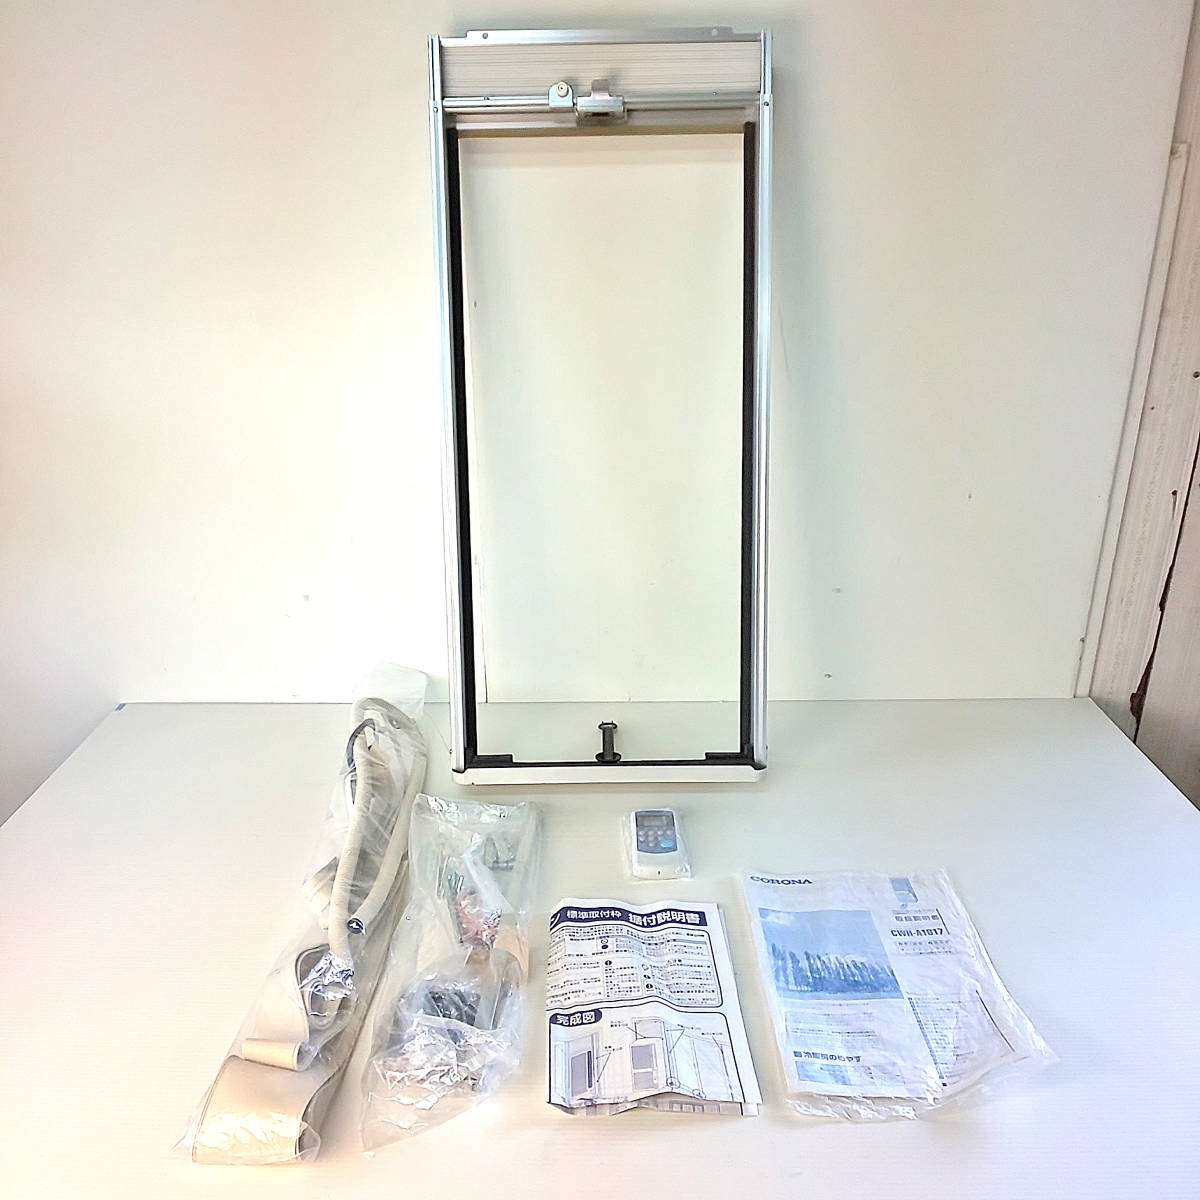 未使用品/2017年製 CORONA ウインドエアコン 窓用エアコン冷暖房兼用 4.5~7畳用 CWH-A1817 換気機能付 窓枠 取説付 付属付_画像2